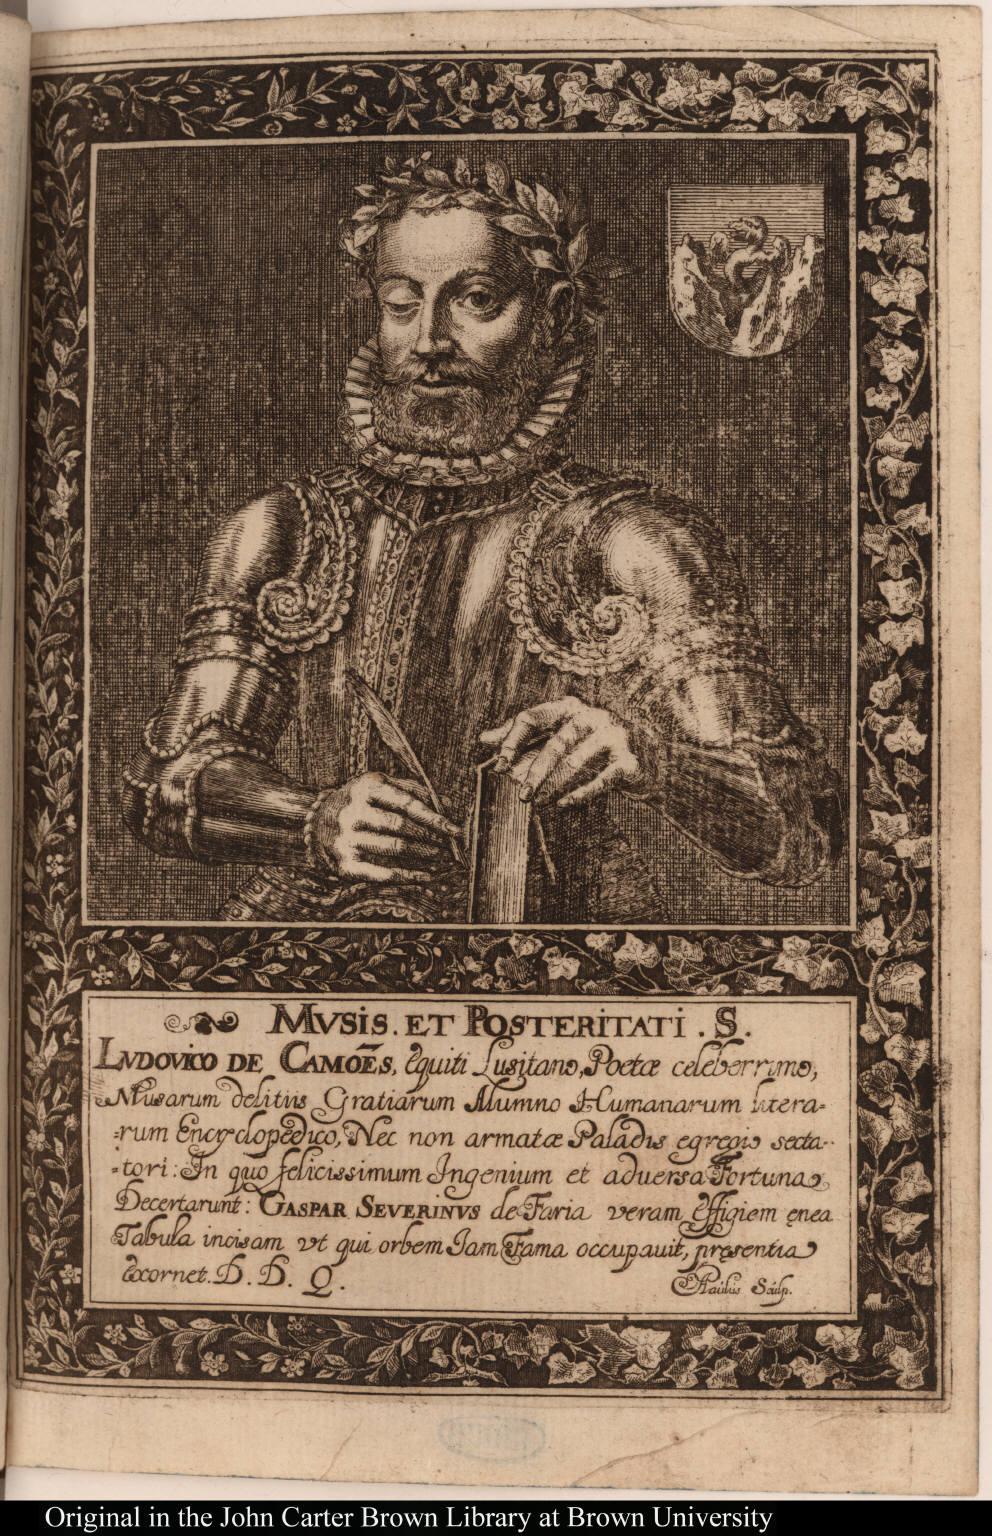 Mvsis. et Posteritati. S. Lvdovico de Camoes ...